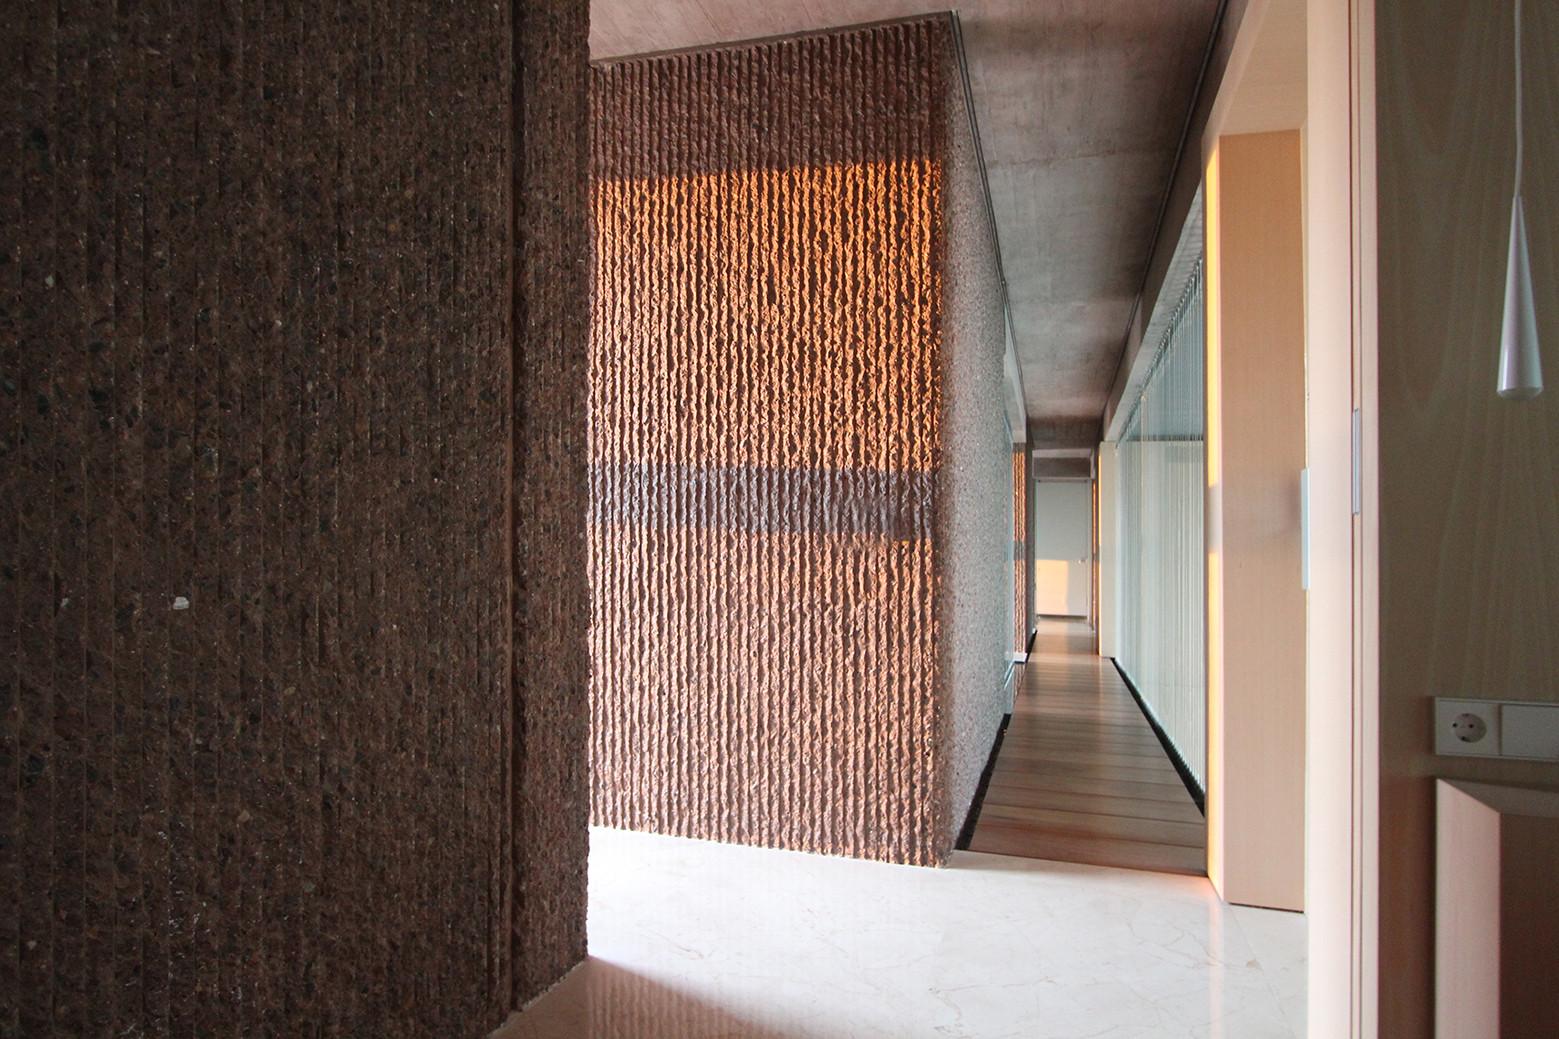 Gallery of fuensanta house muka arquitectura 10 - Muka arquitectura ...